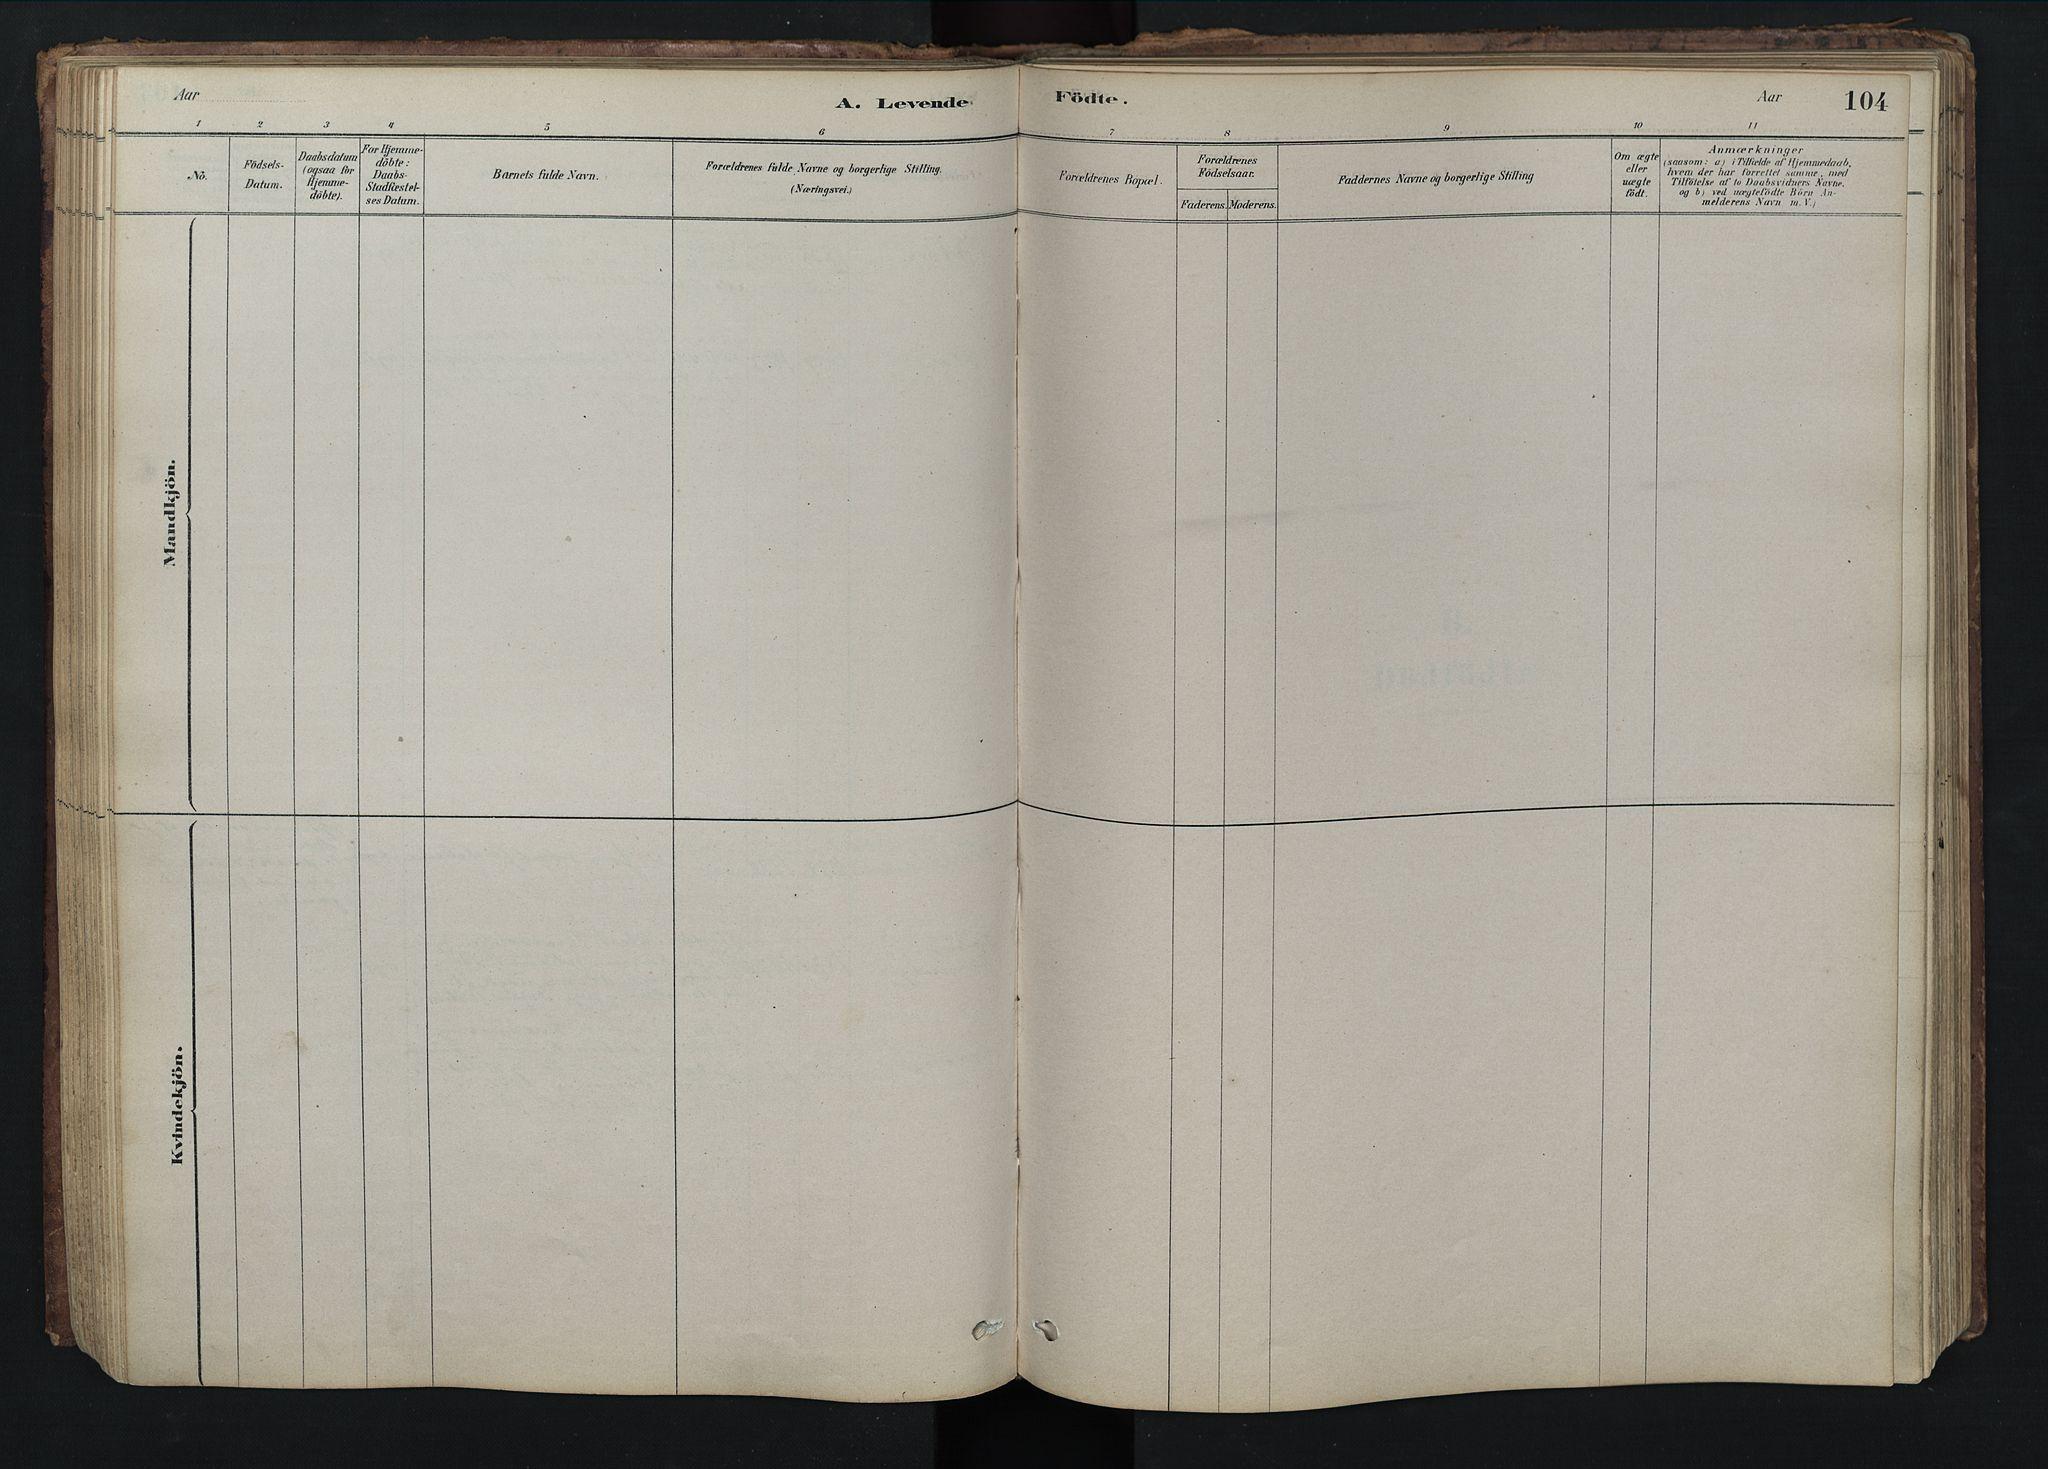 SAH, Rendalen prestekontor, H/Ha/Hab/L0009: Klokkerbok nr. 9, 1879-1902, s. 104